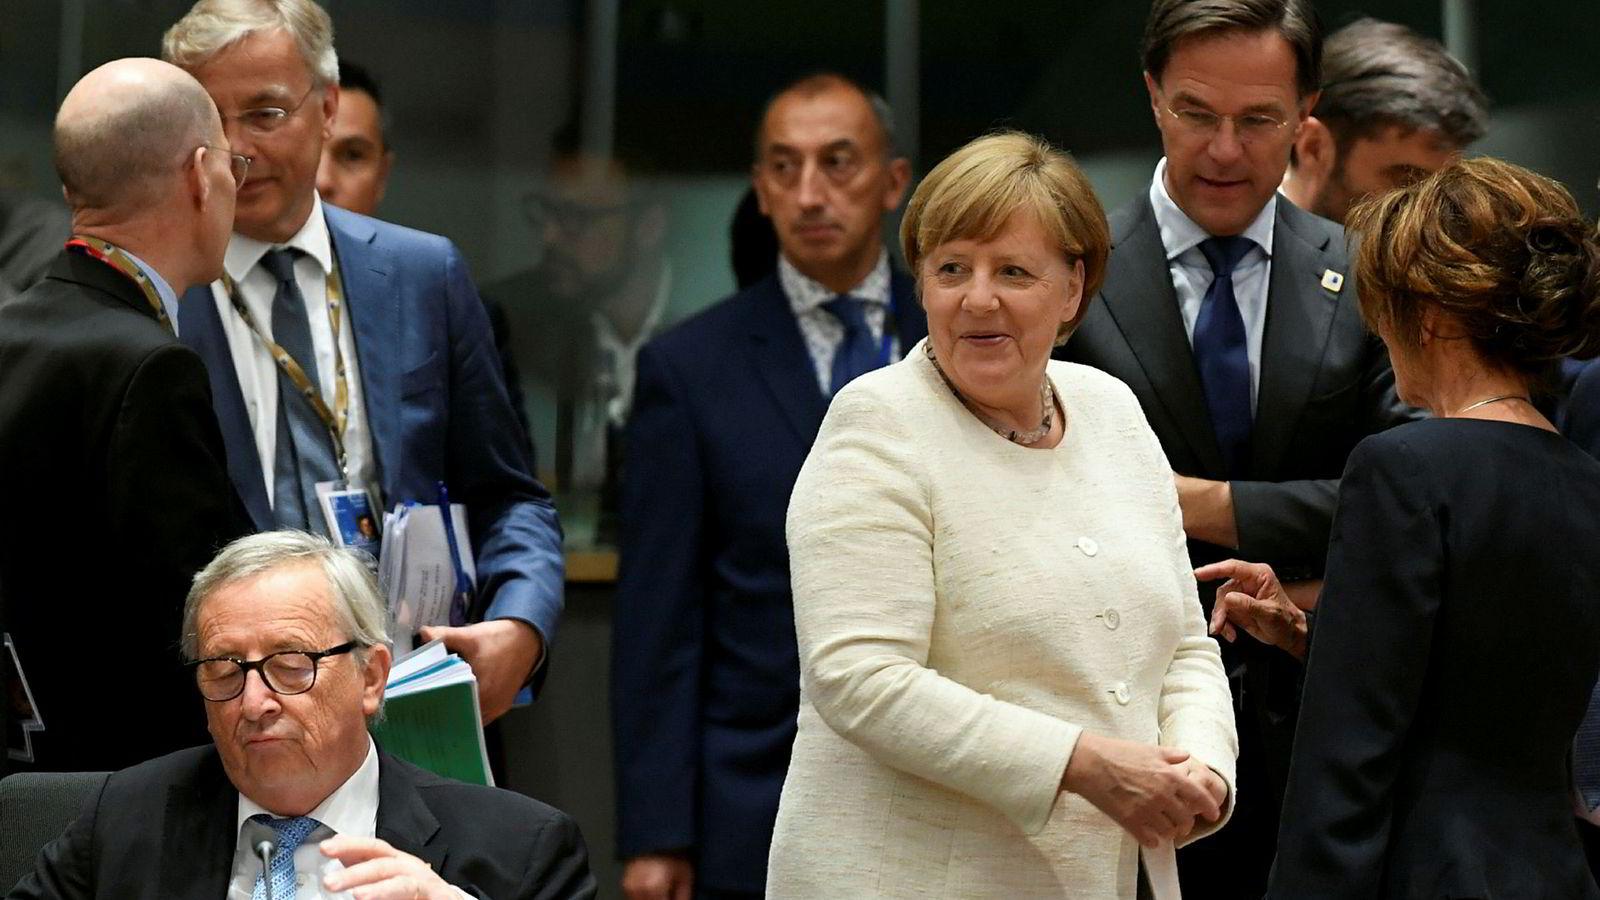 Presidenten i Europakommisjonen, Jean-Claude Juncker, og Angela Merkel var blant lederne som deltok på EU-toppmøtet i Brussel torsdag – og som ikke fikk enighet om klimanøytralitet innen 2050.